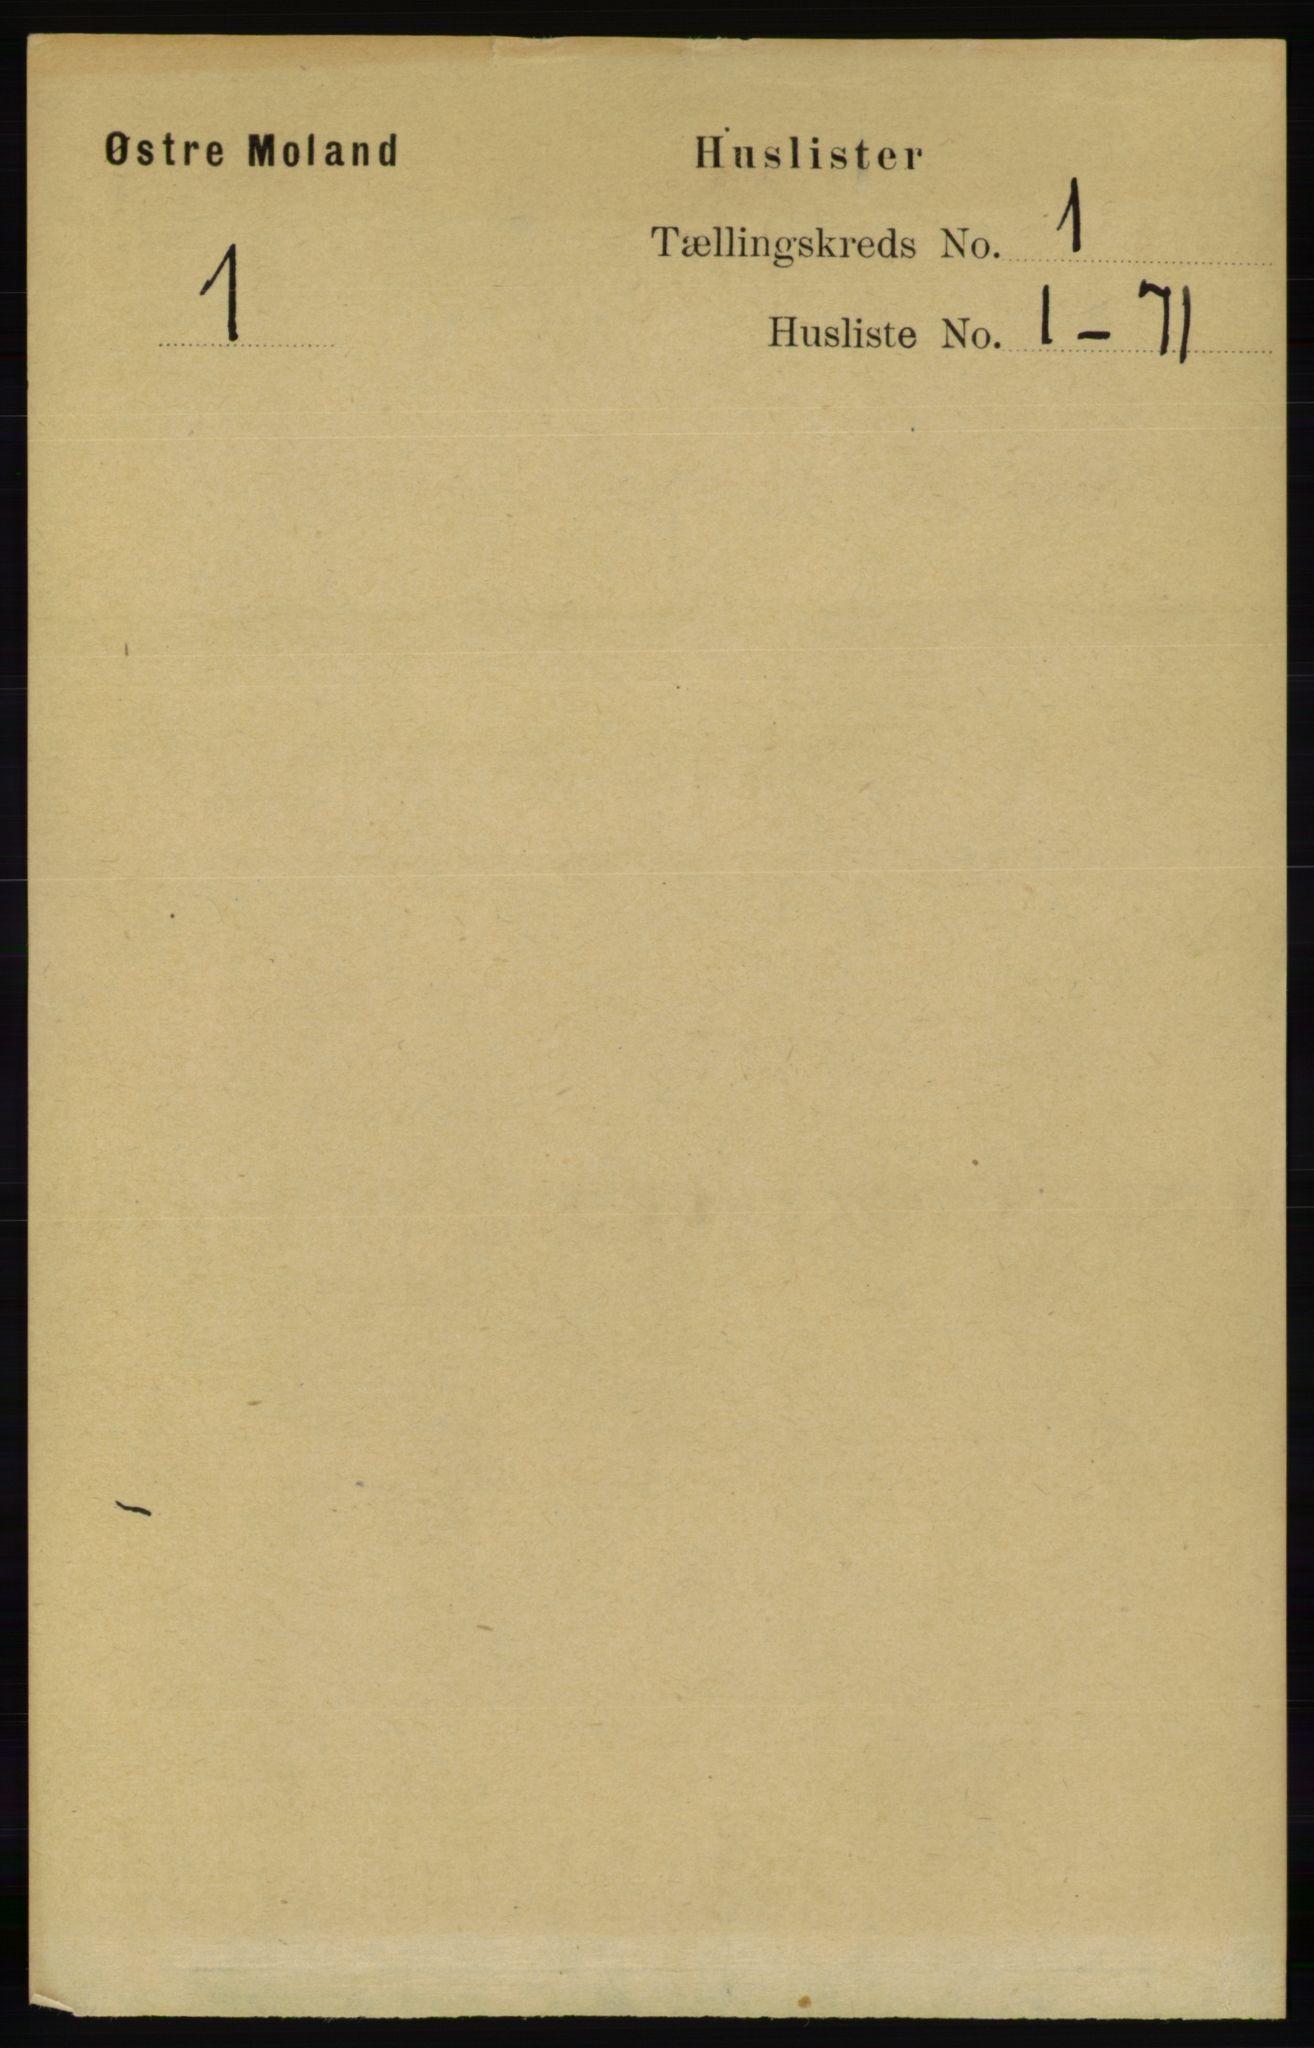 RA, Folketelling 1891 for 0918 Austre Moland herred, 1891, s. 19